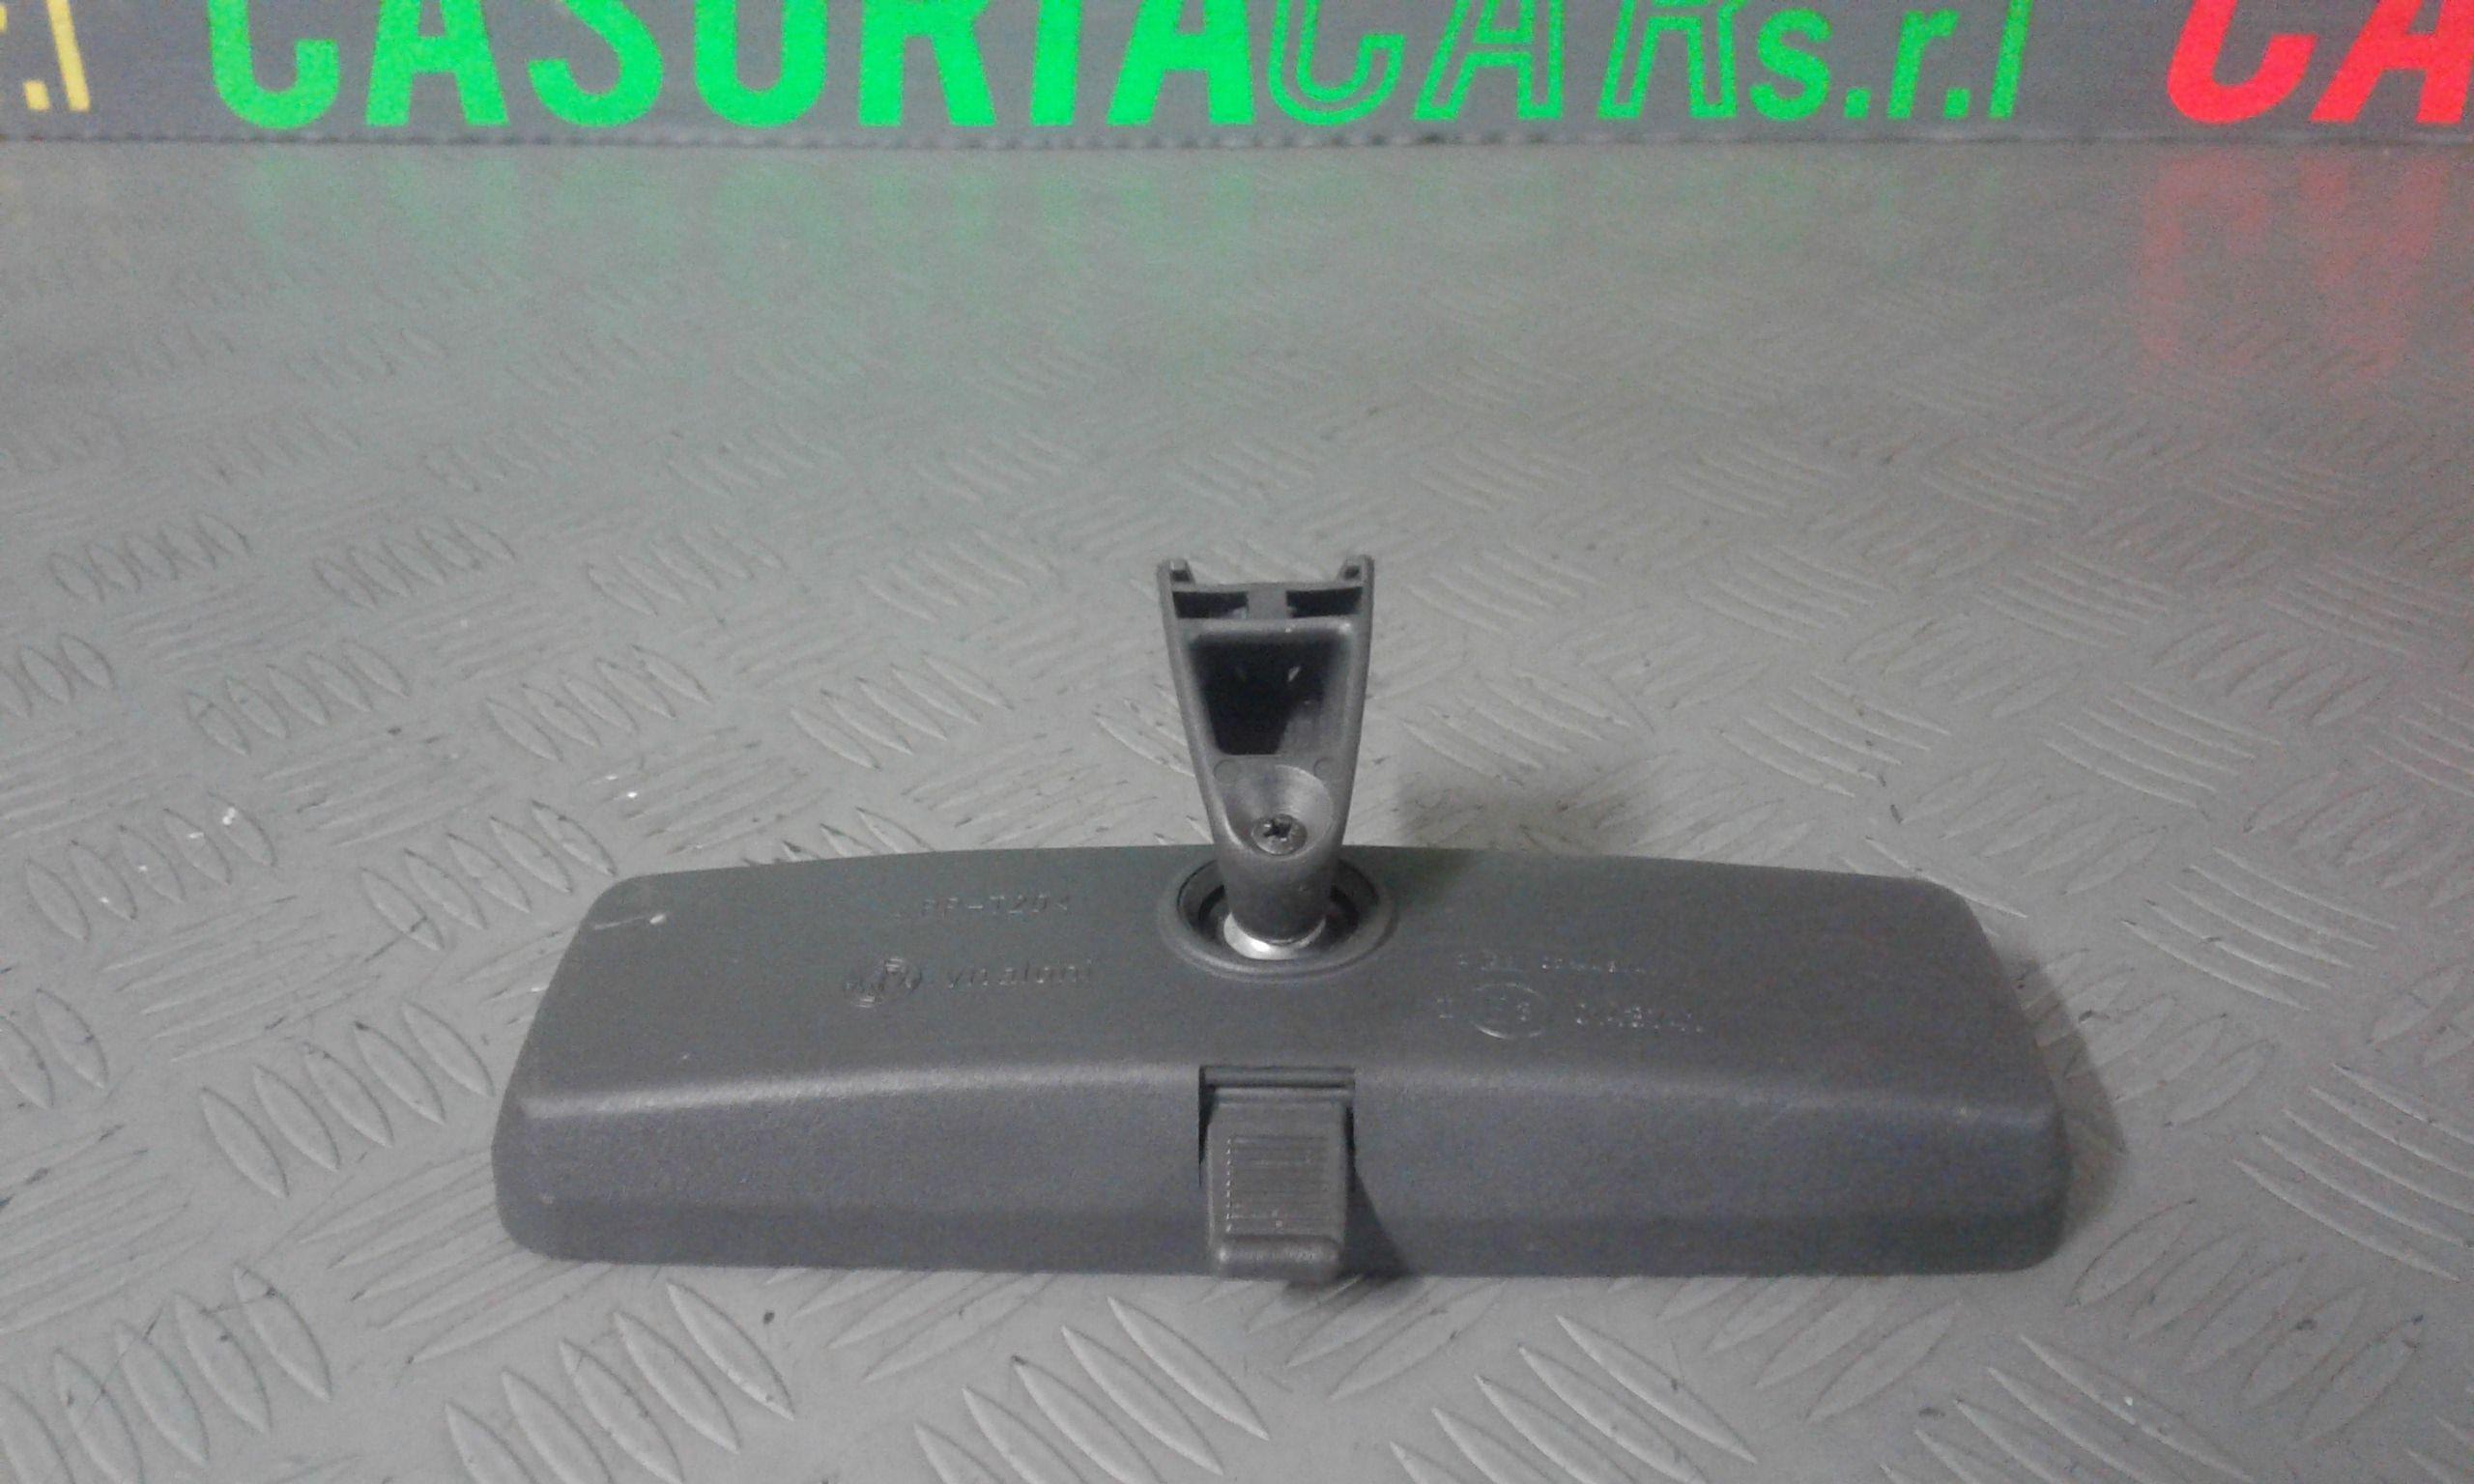 Specchio retrovisore interno lancia y 1 serie benzina - Specchio retrovisore laterale sinistro ...